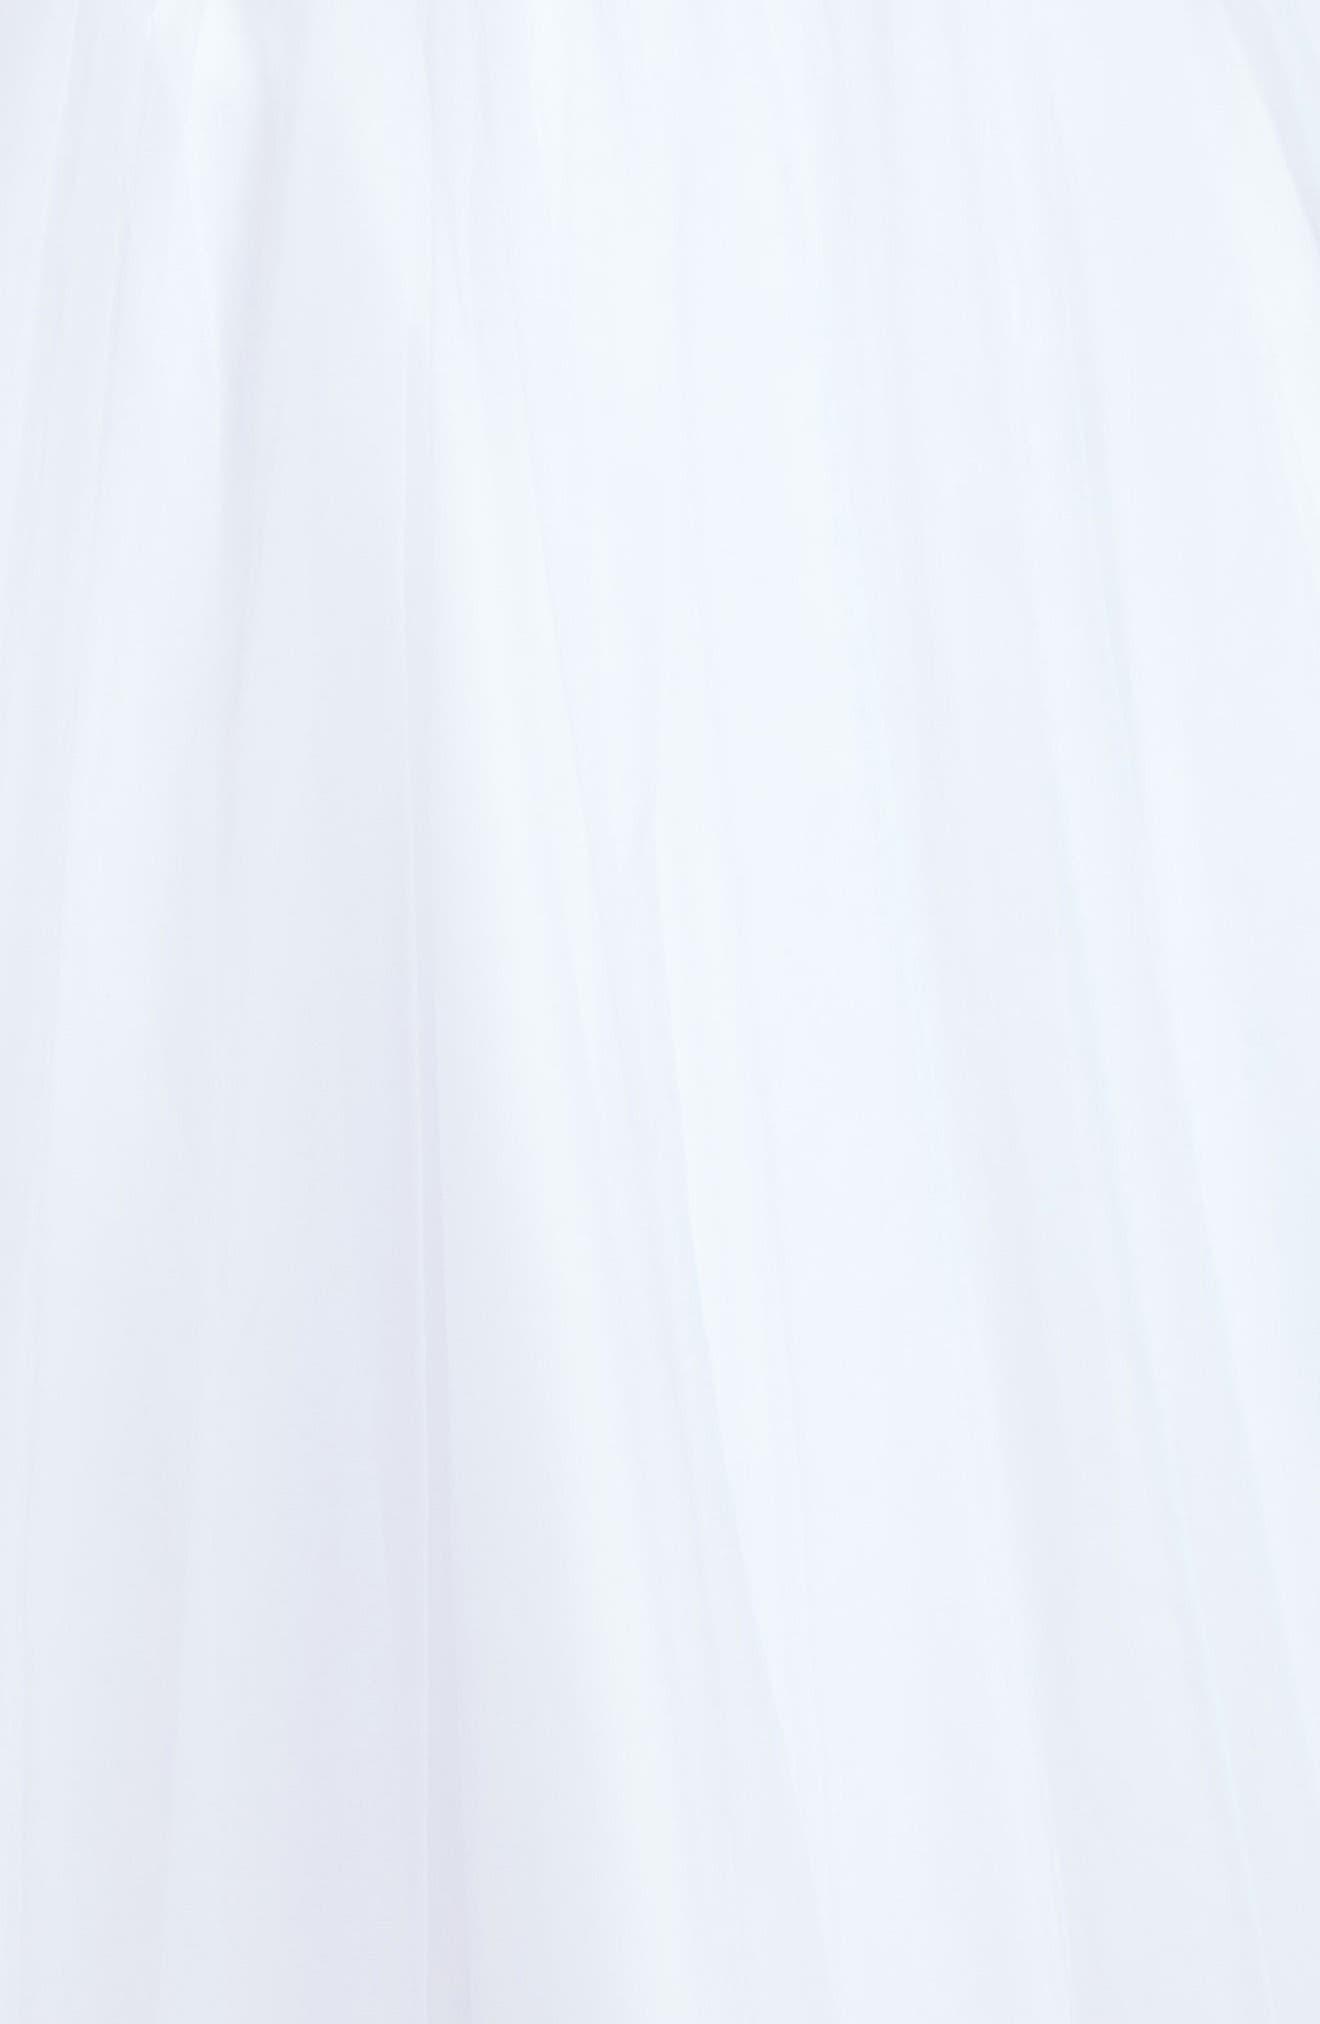 Alternate Image 3  - Joan Calabrese for Mon Cheri Beaded Satin & Tulle First Communion Dress (Toddler Girls, Little Girls & Big Girls)